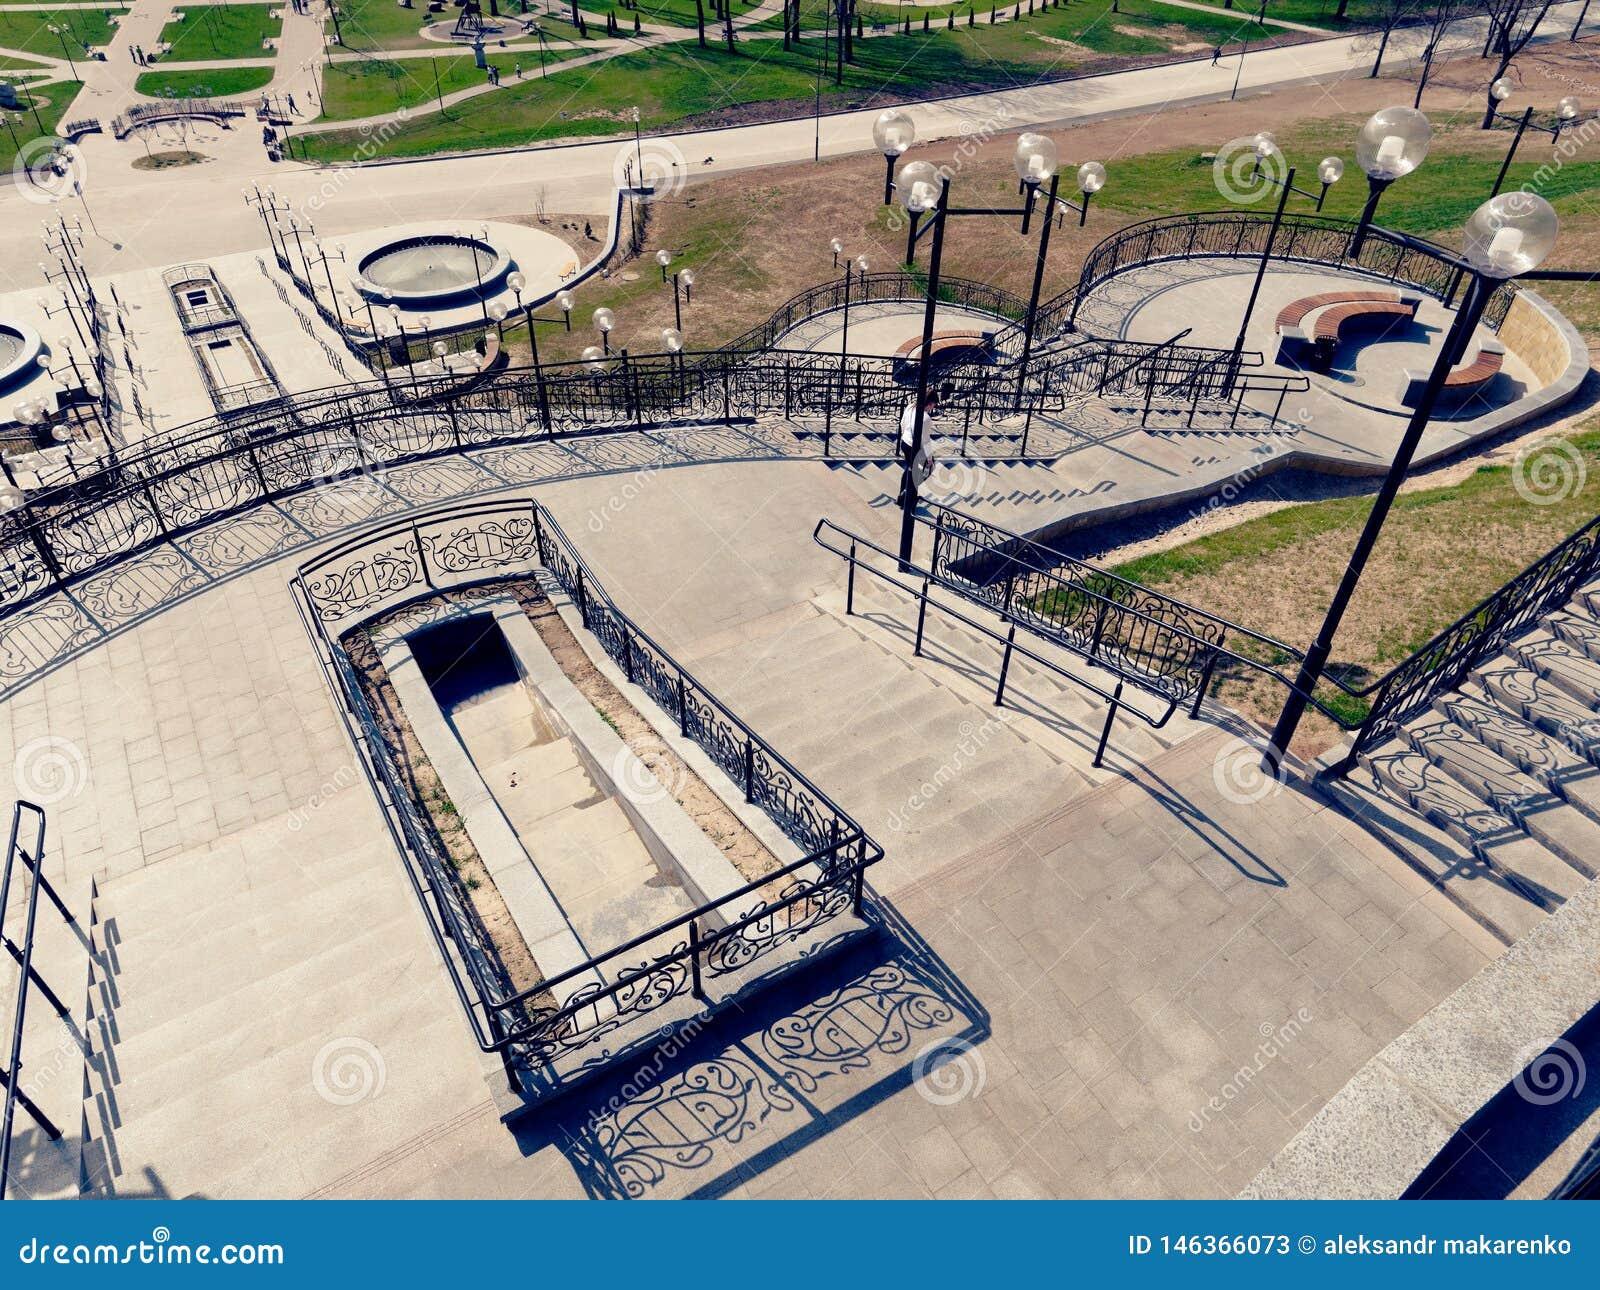 MOGILEV, BIELORRUSIA - 27 DE ABRIL DE 2019: ?rea del parque con una escalera y una fuente